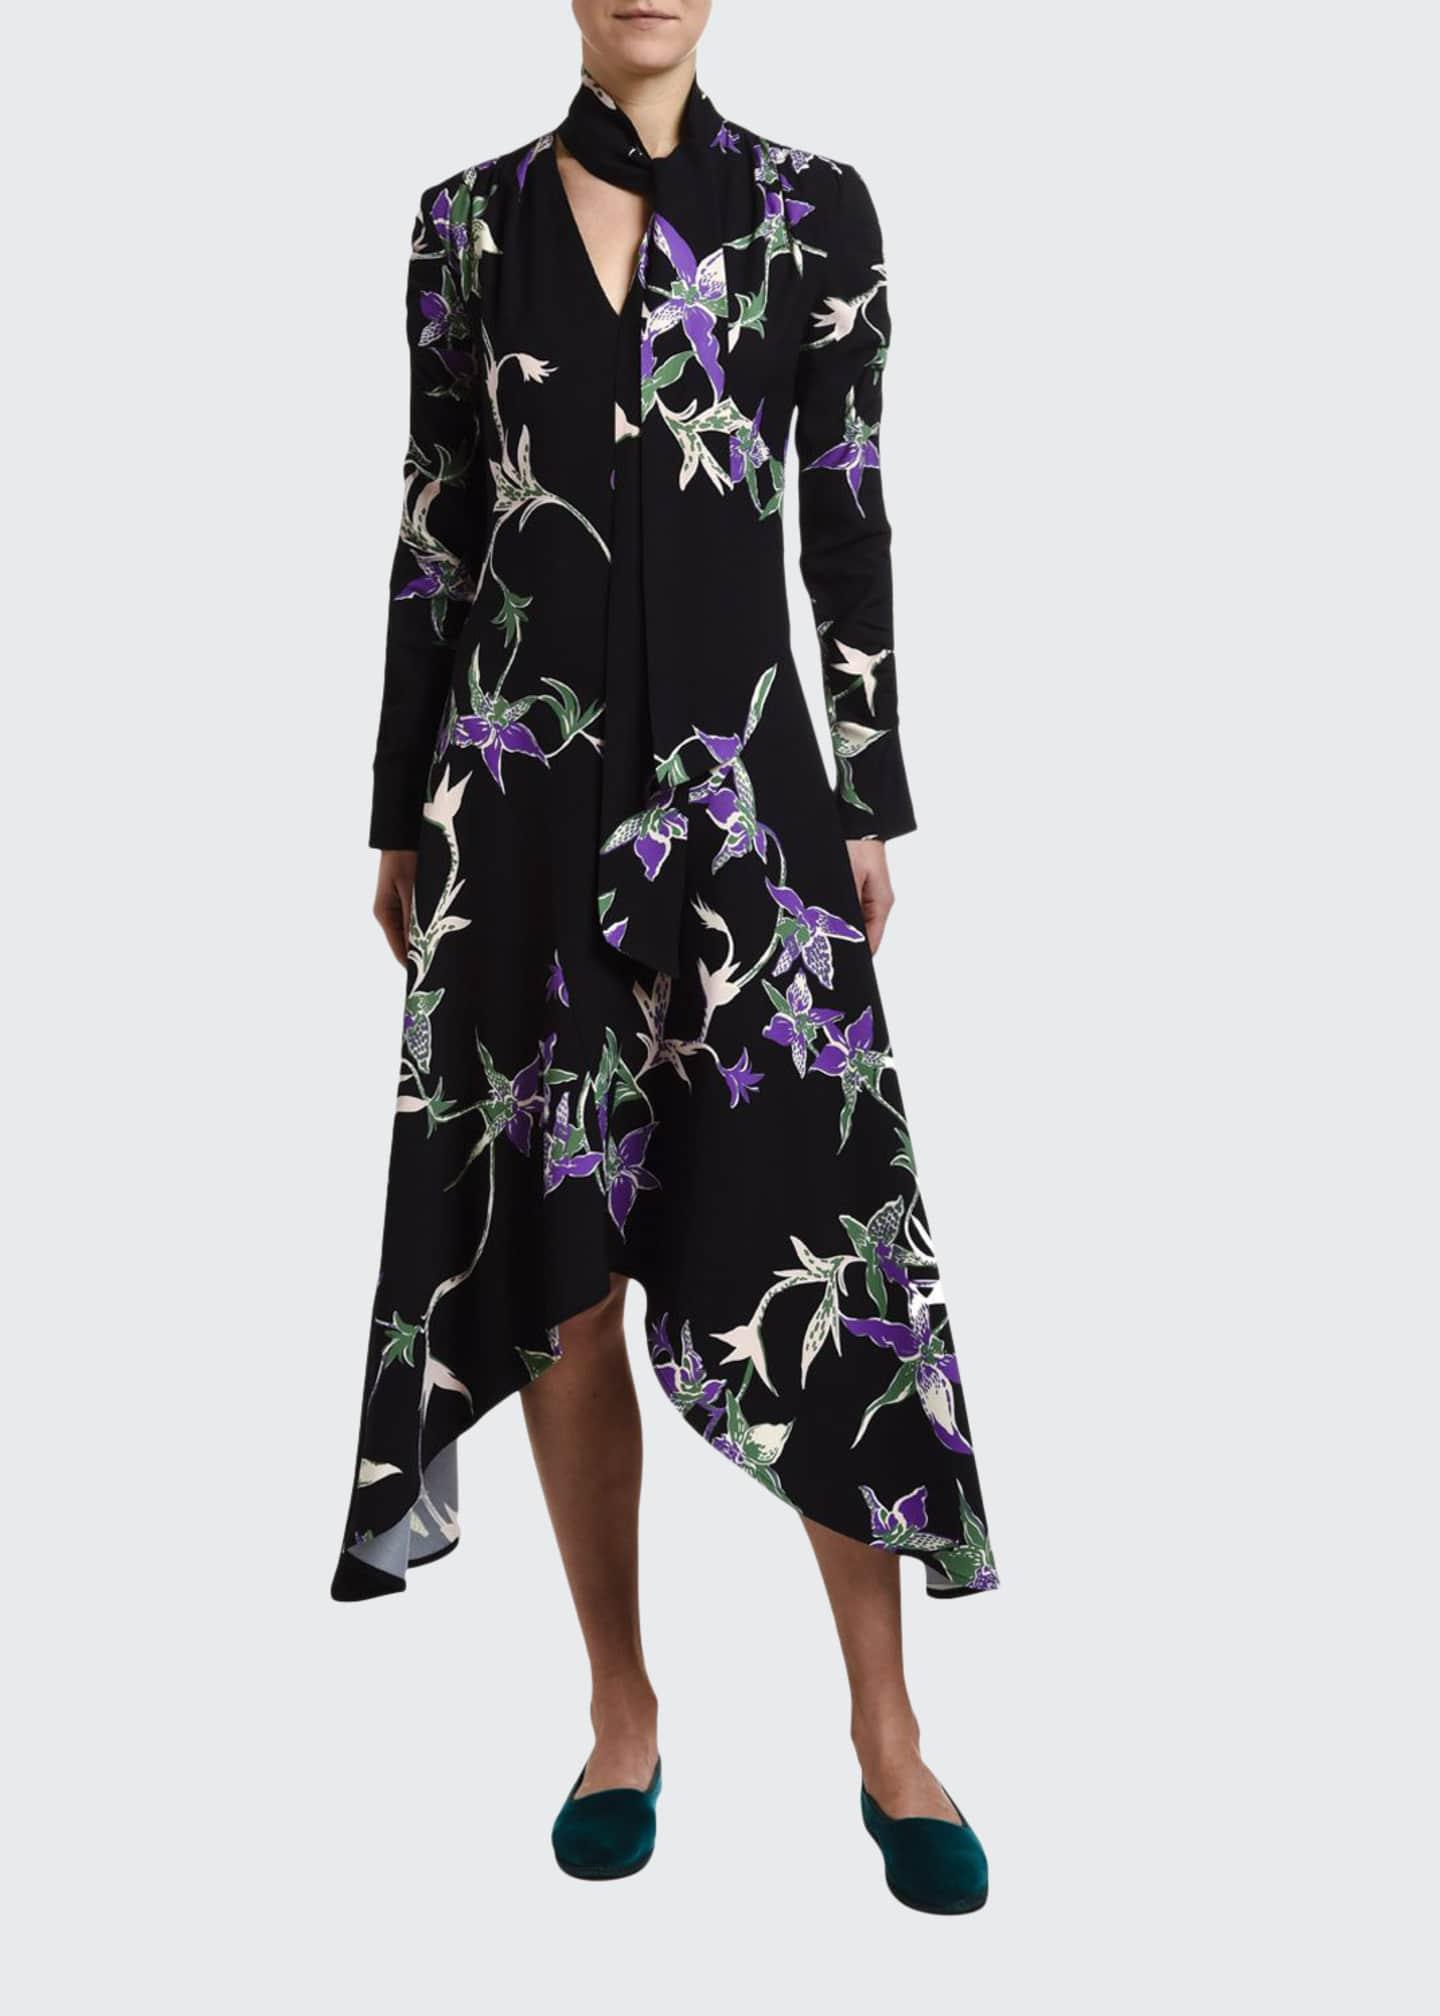 Double J Orchid-Print Sable Tie-Neck Handkerchief Dress